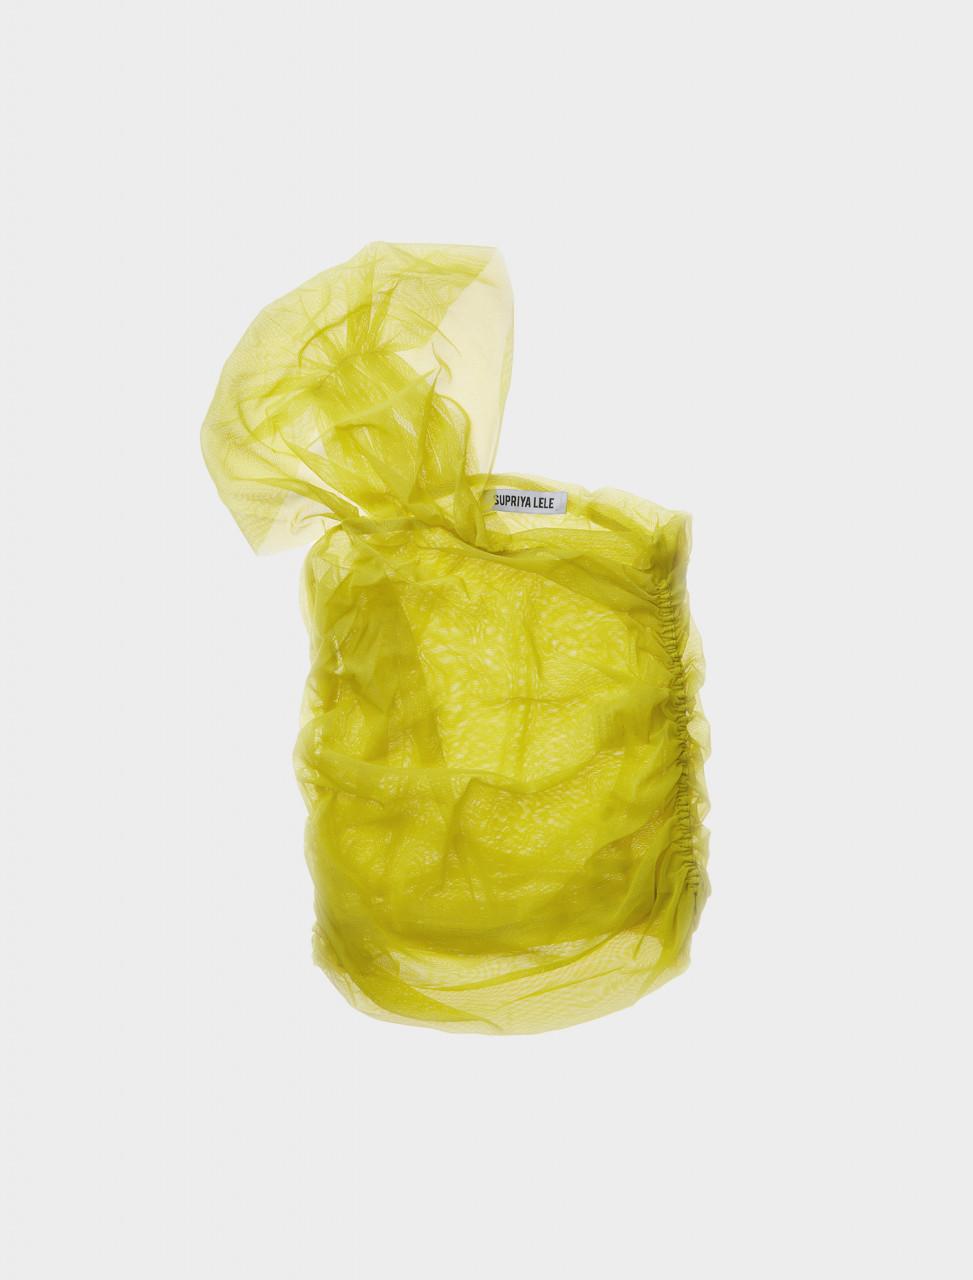 Supriya Lele Saree Sash Wrap Top in Lime Japanese Mesh